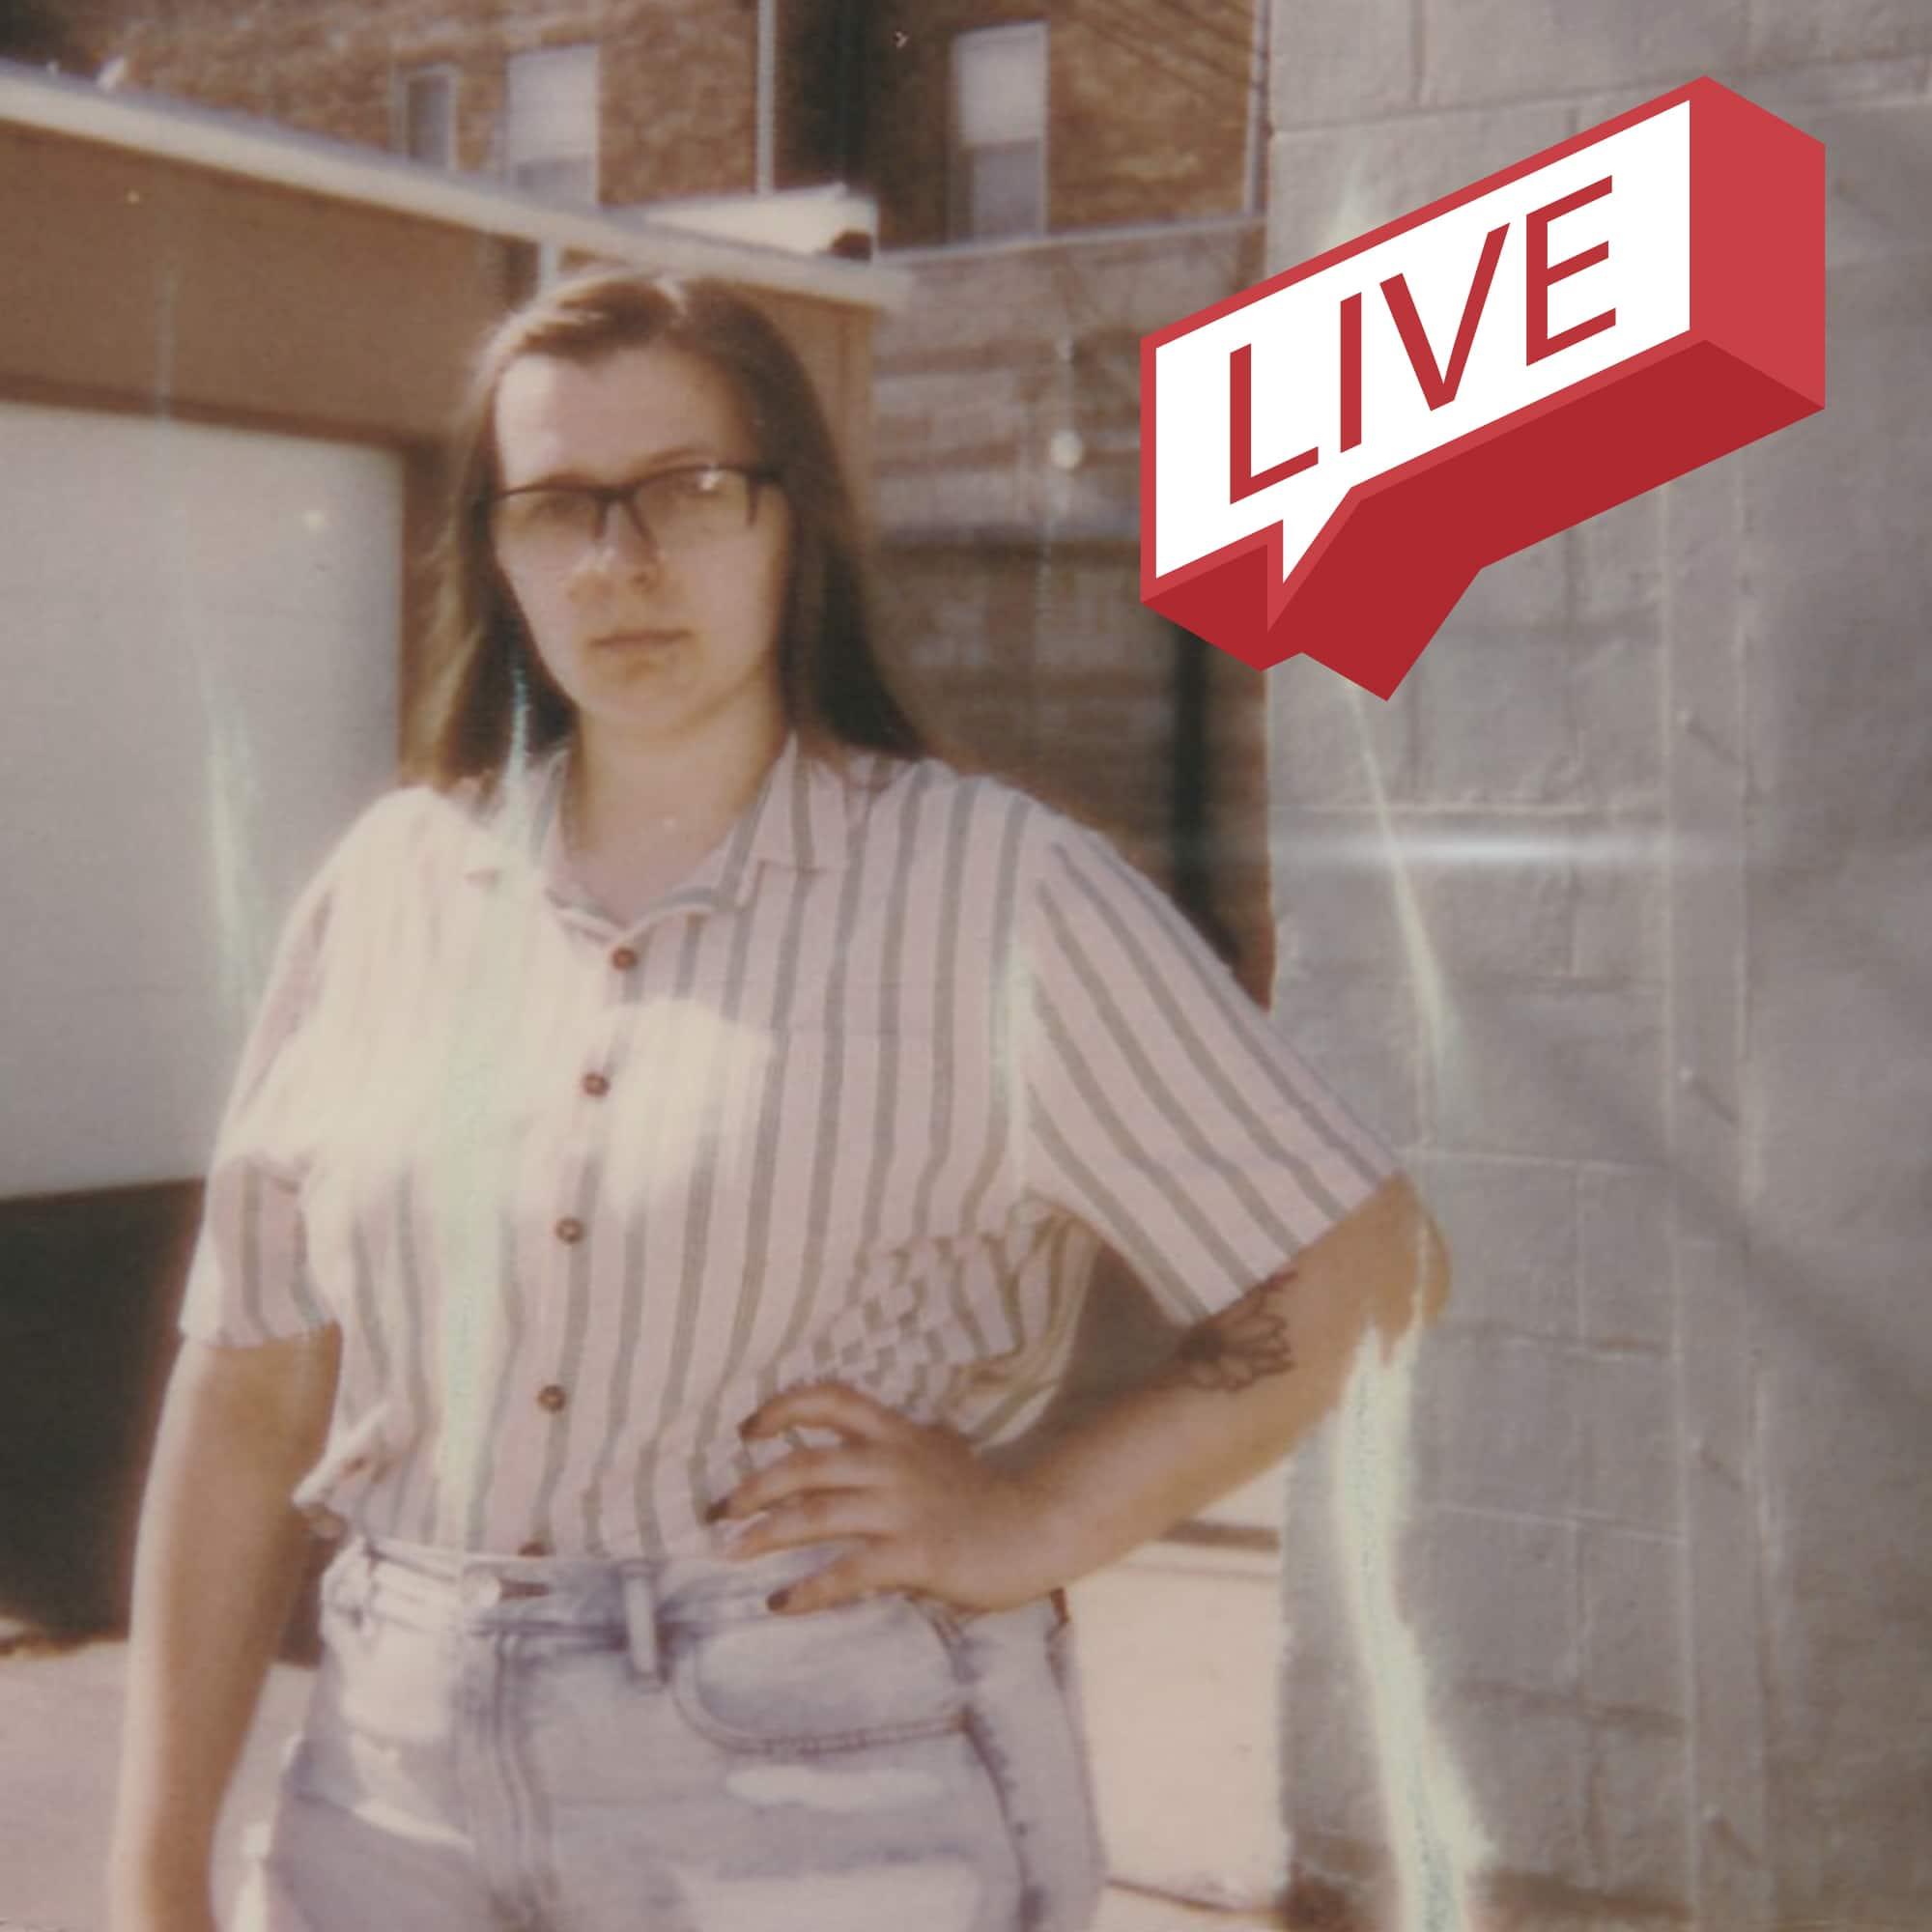 Club beige – live